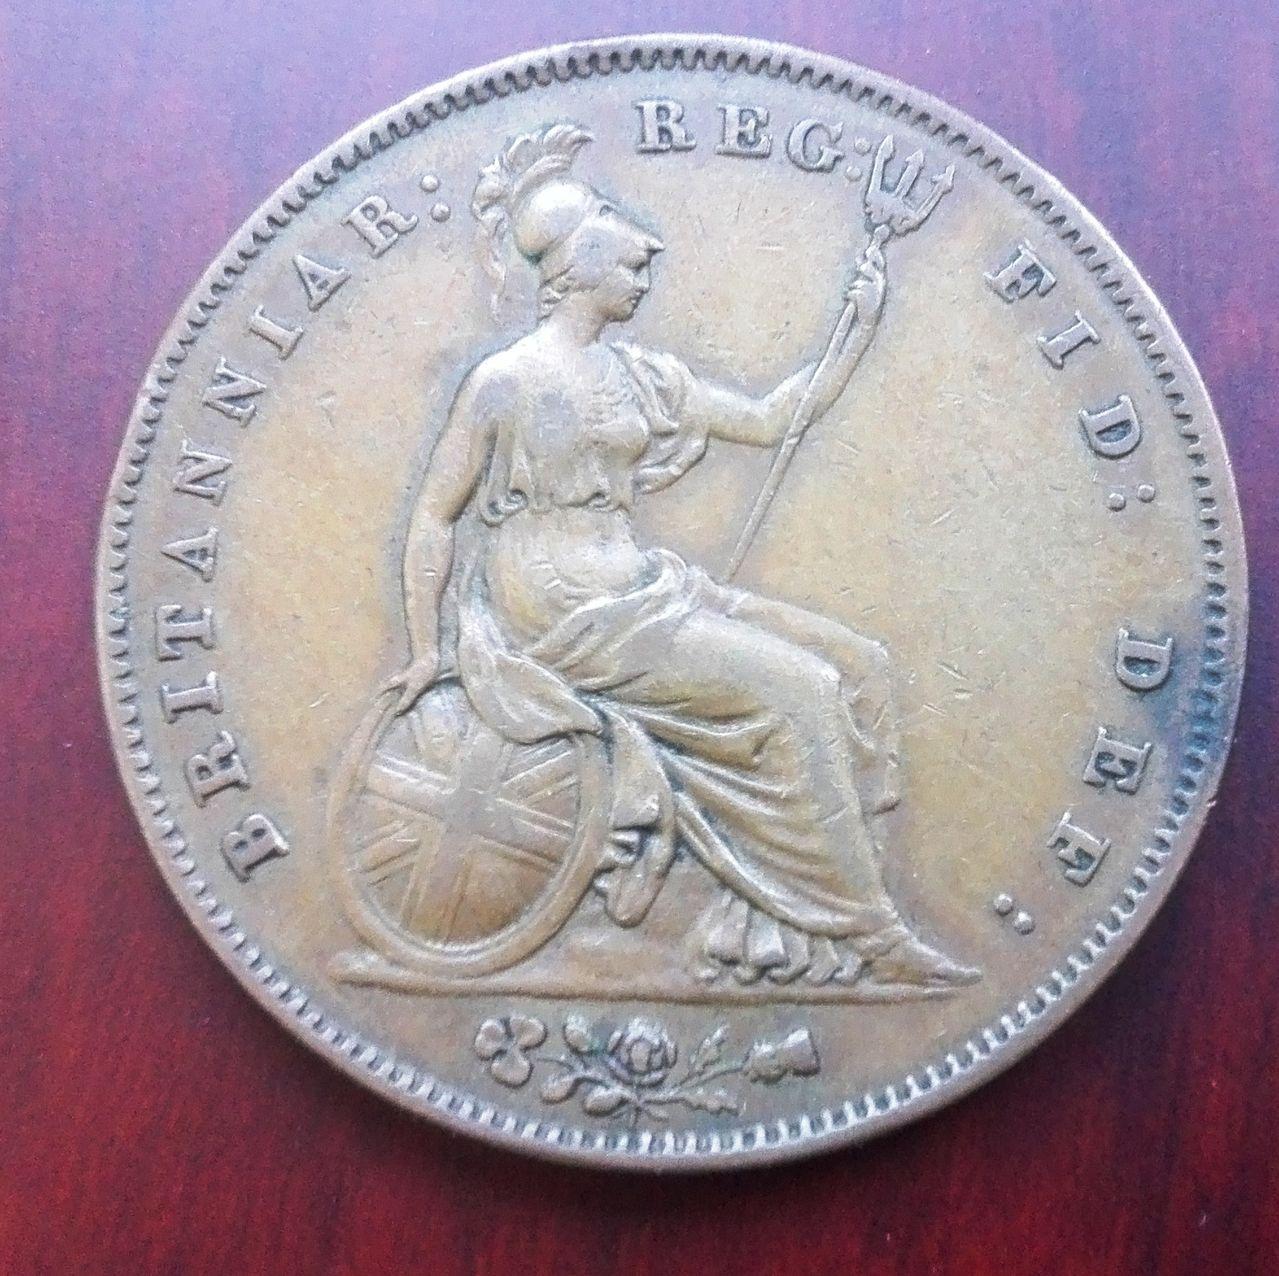 1 penique 1858, Gran Bretaña. Reina Victoria 1_penique_1858_rev